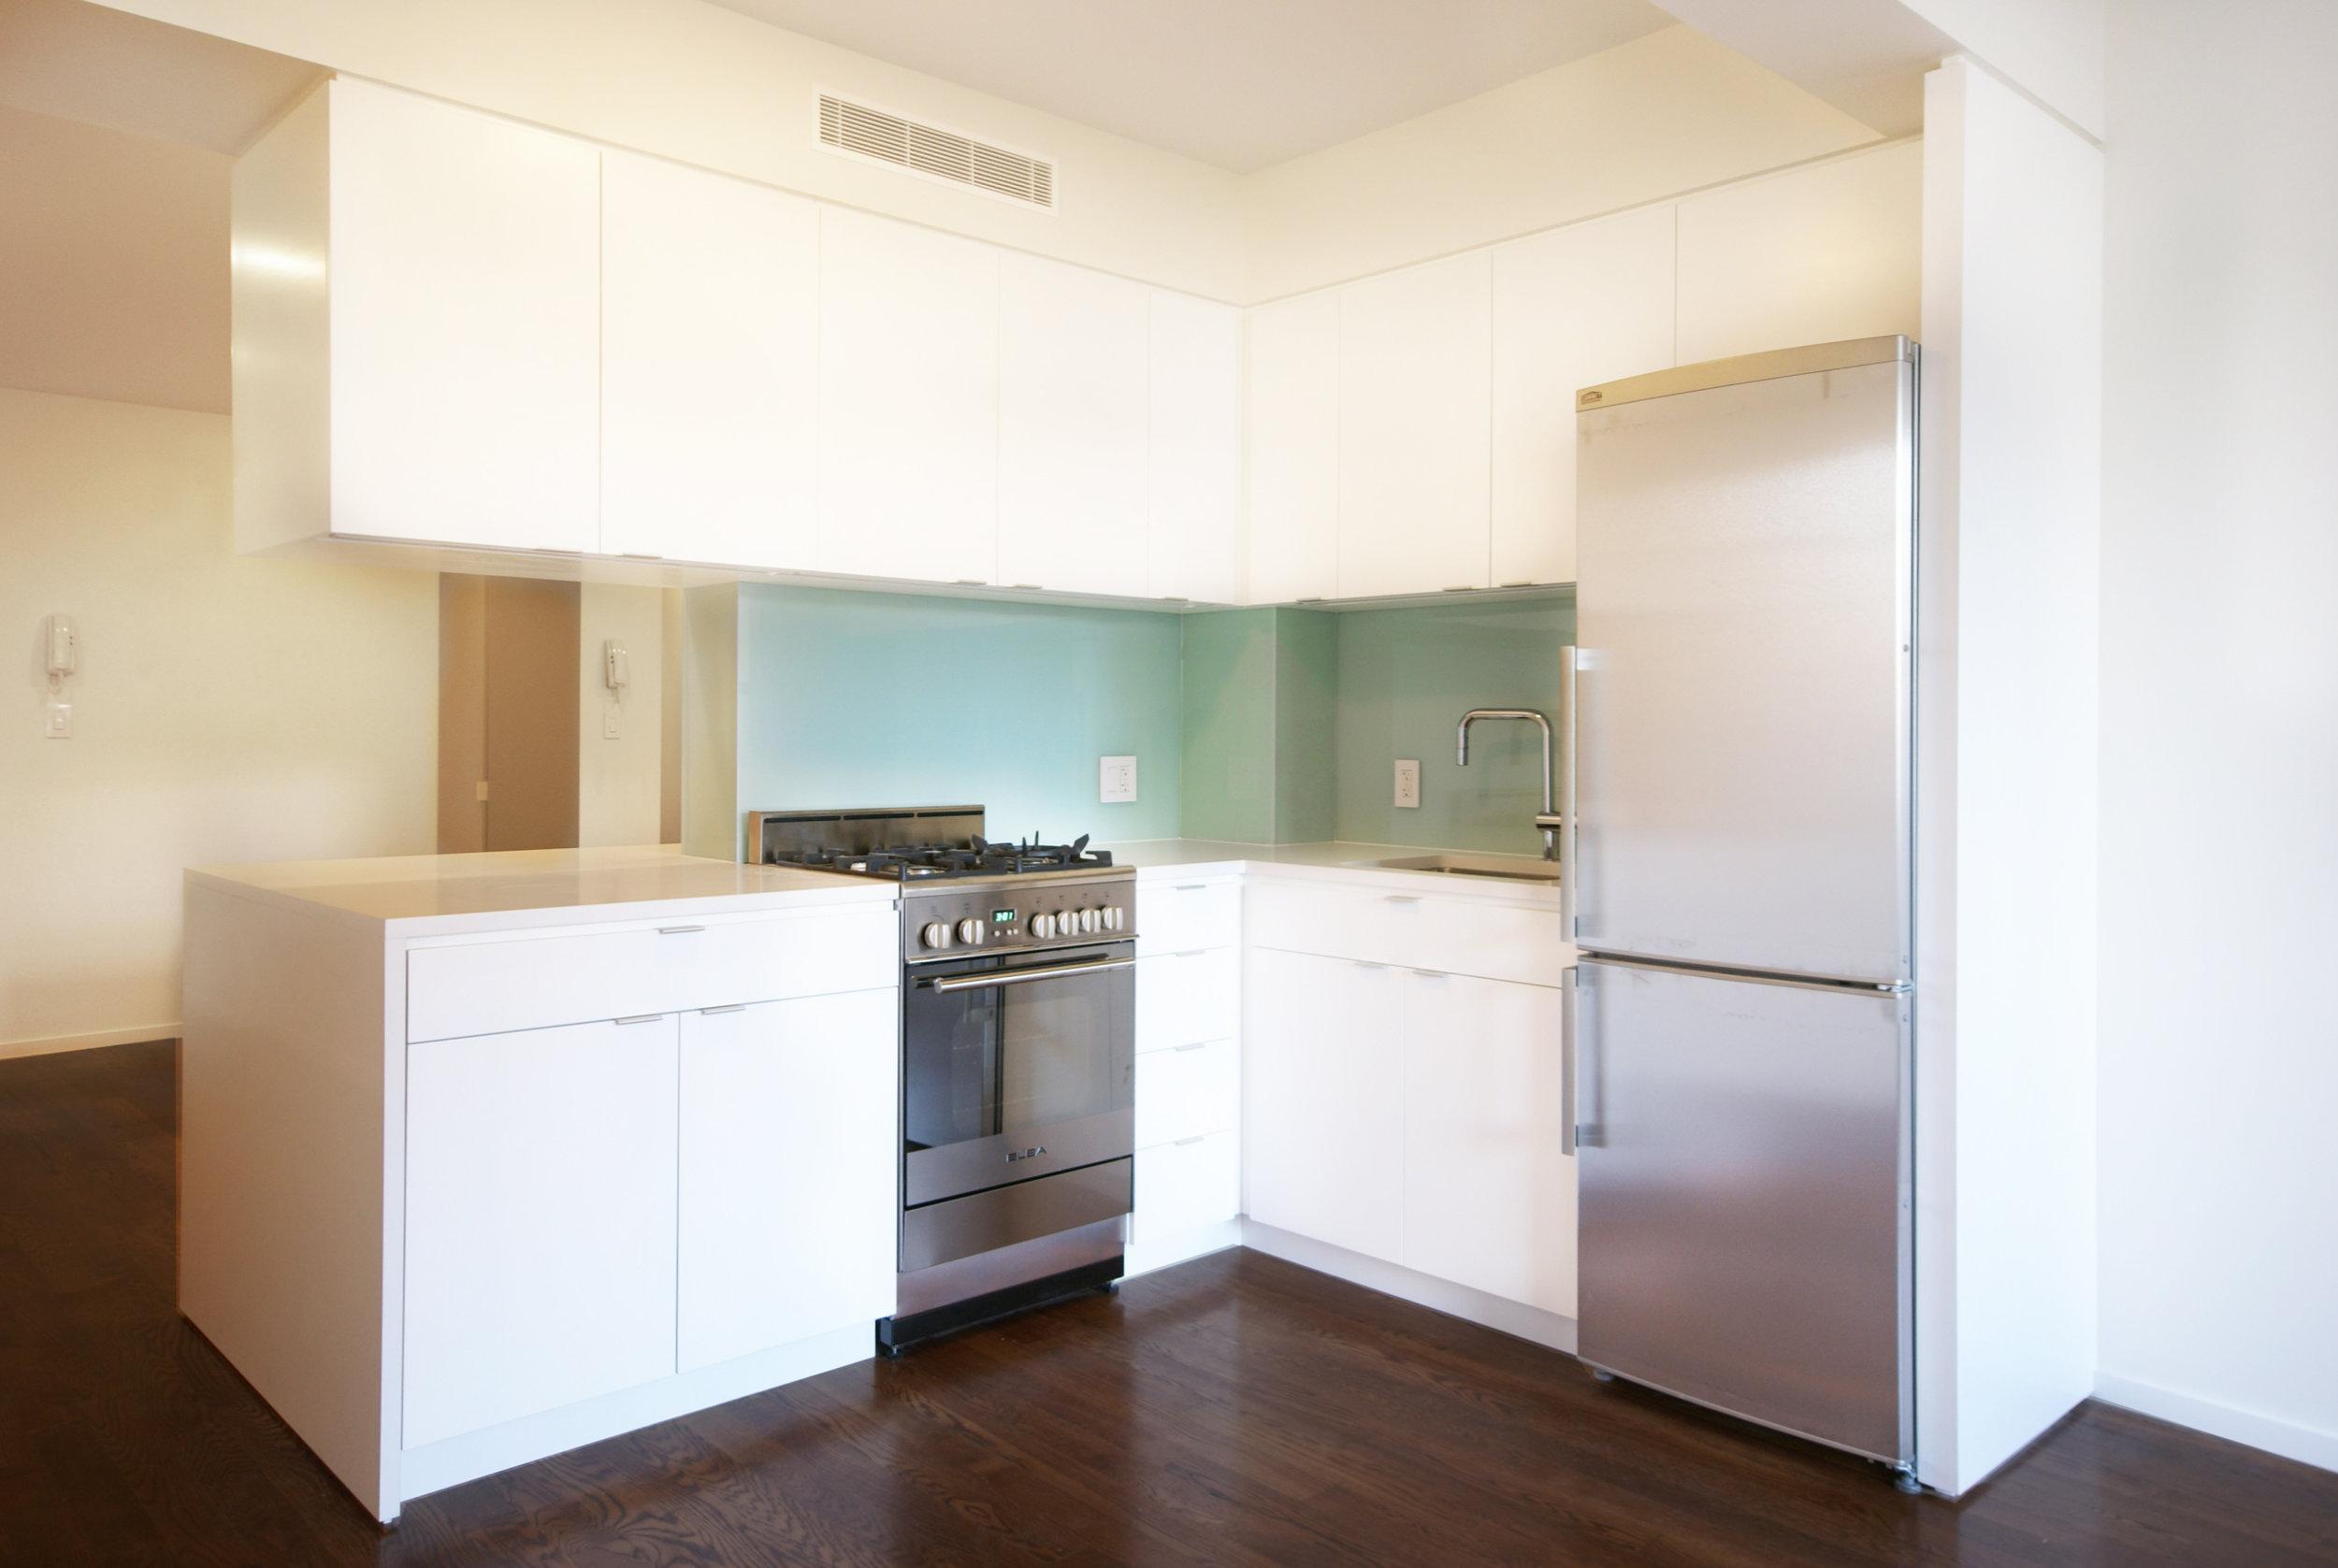 kitchen_high res.jpg